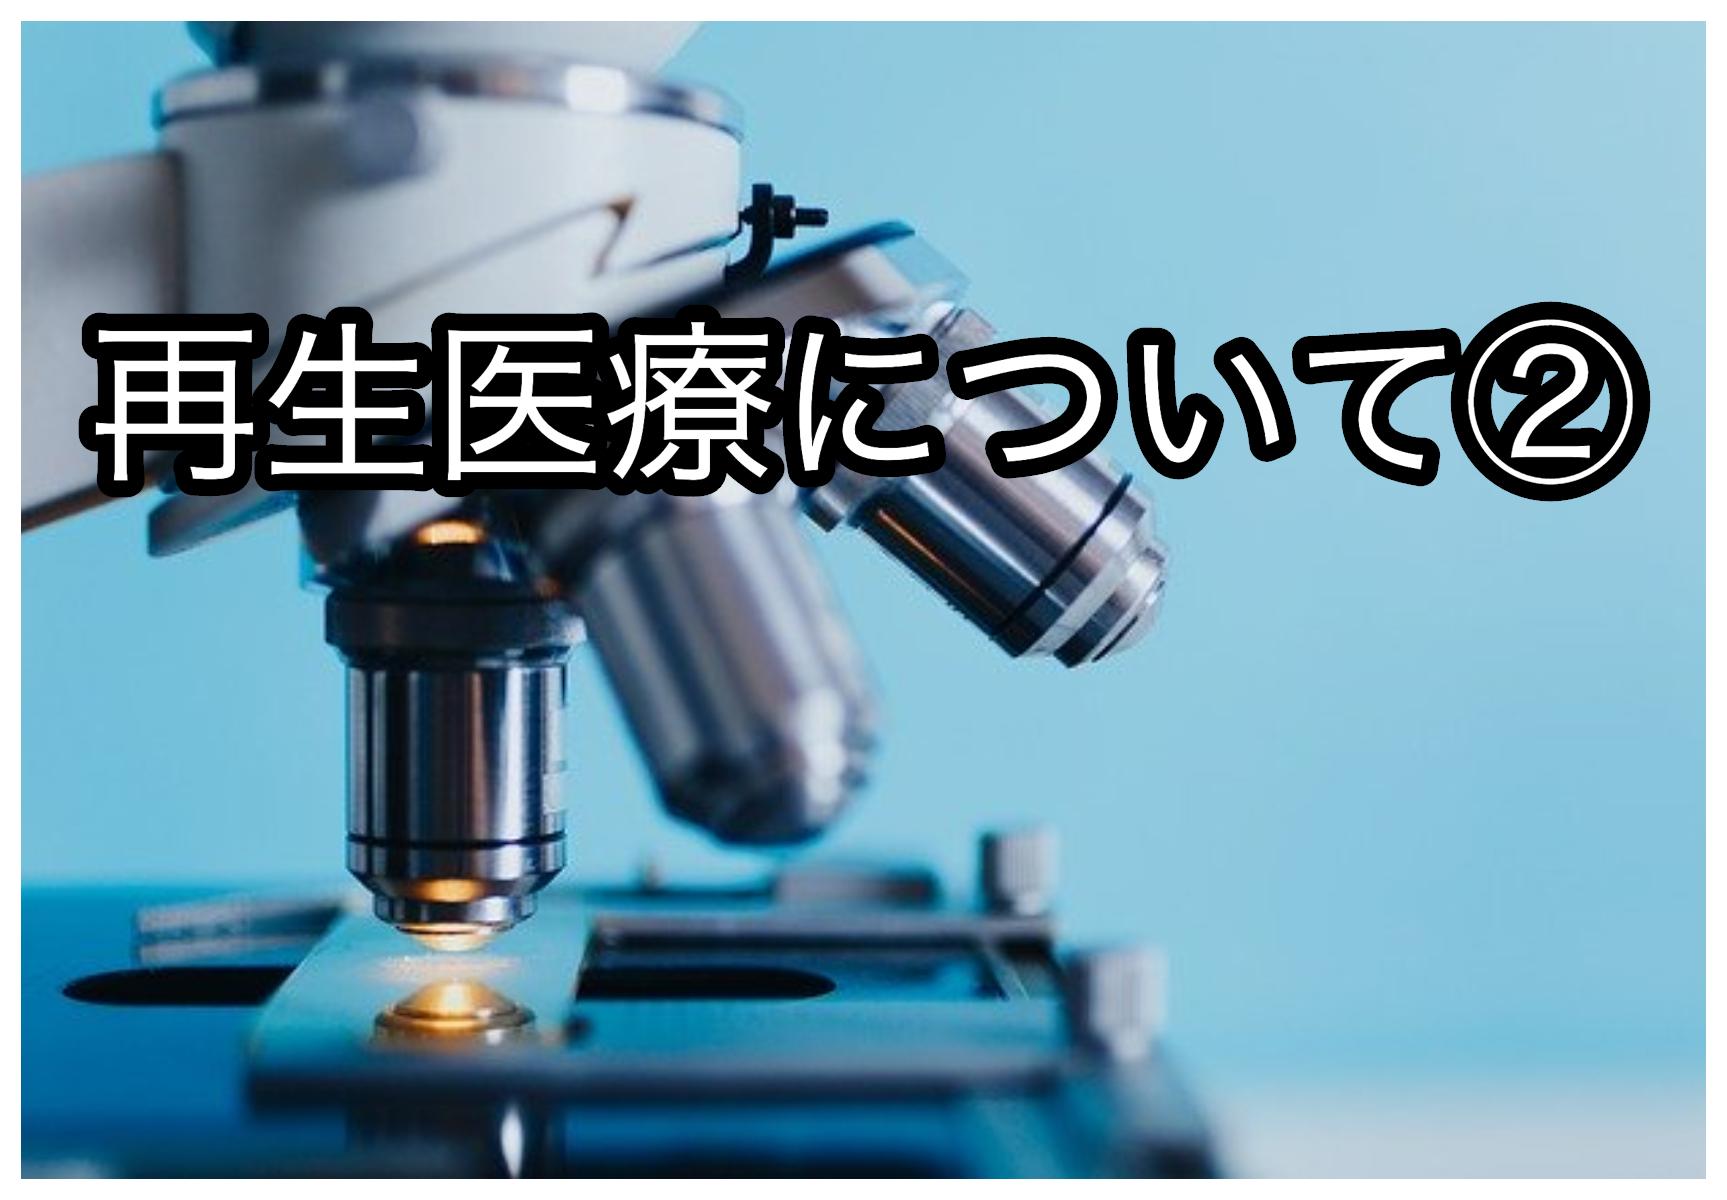 沖縄,片麻痺,脳卒中,脳梗塞,脳出血,リハビリテーション